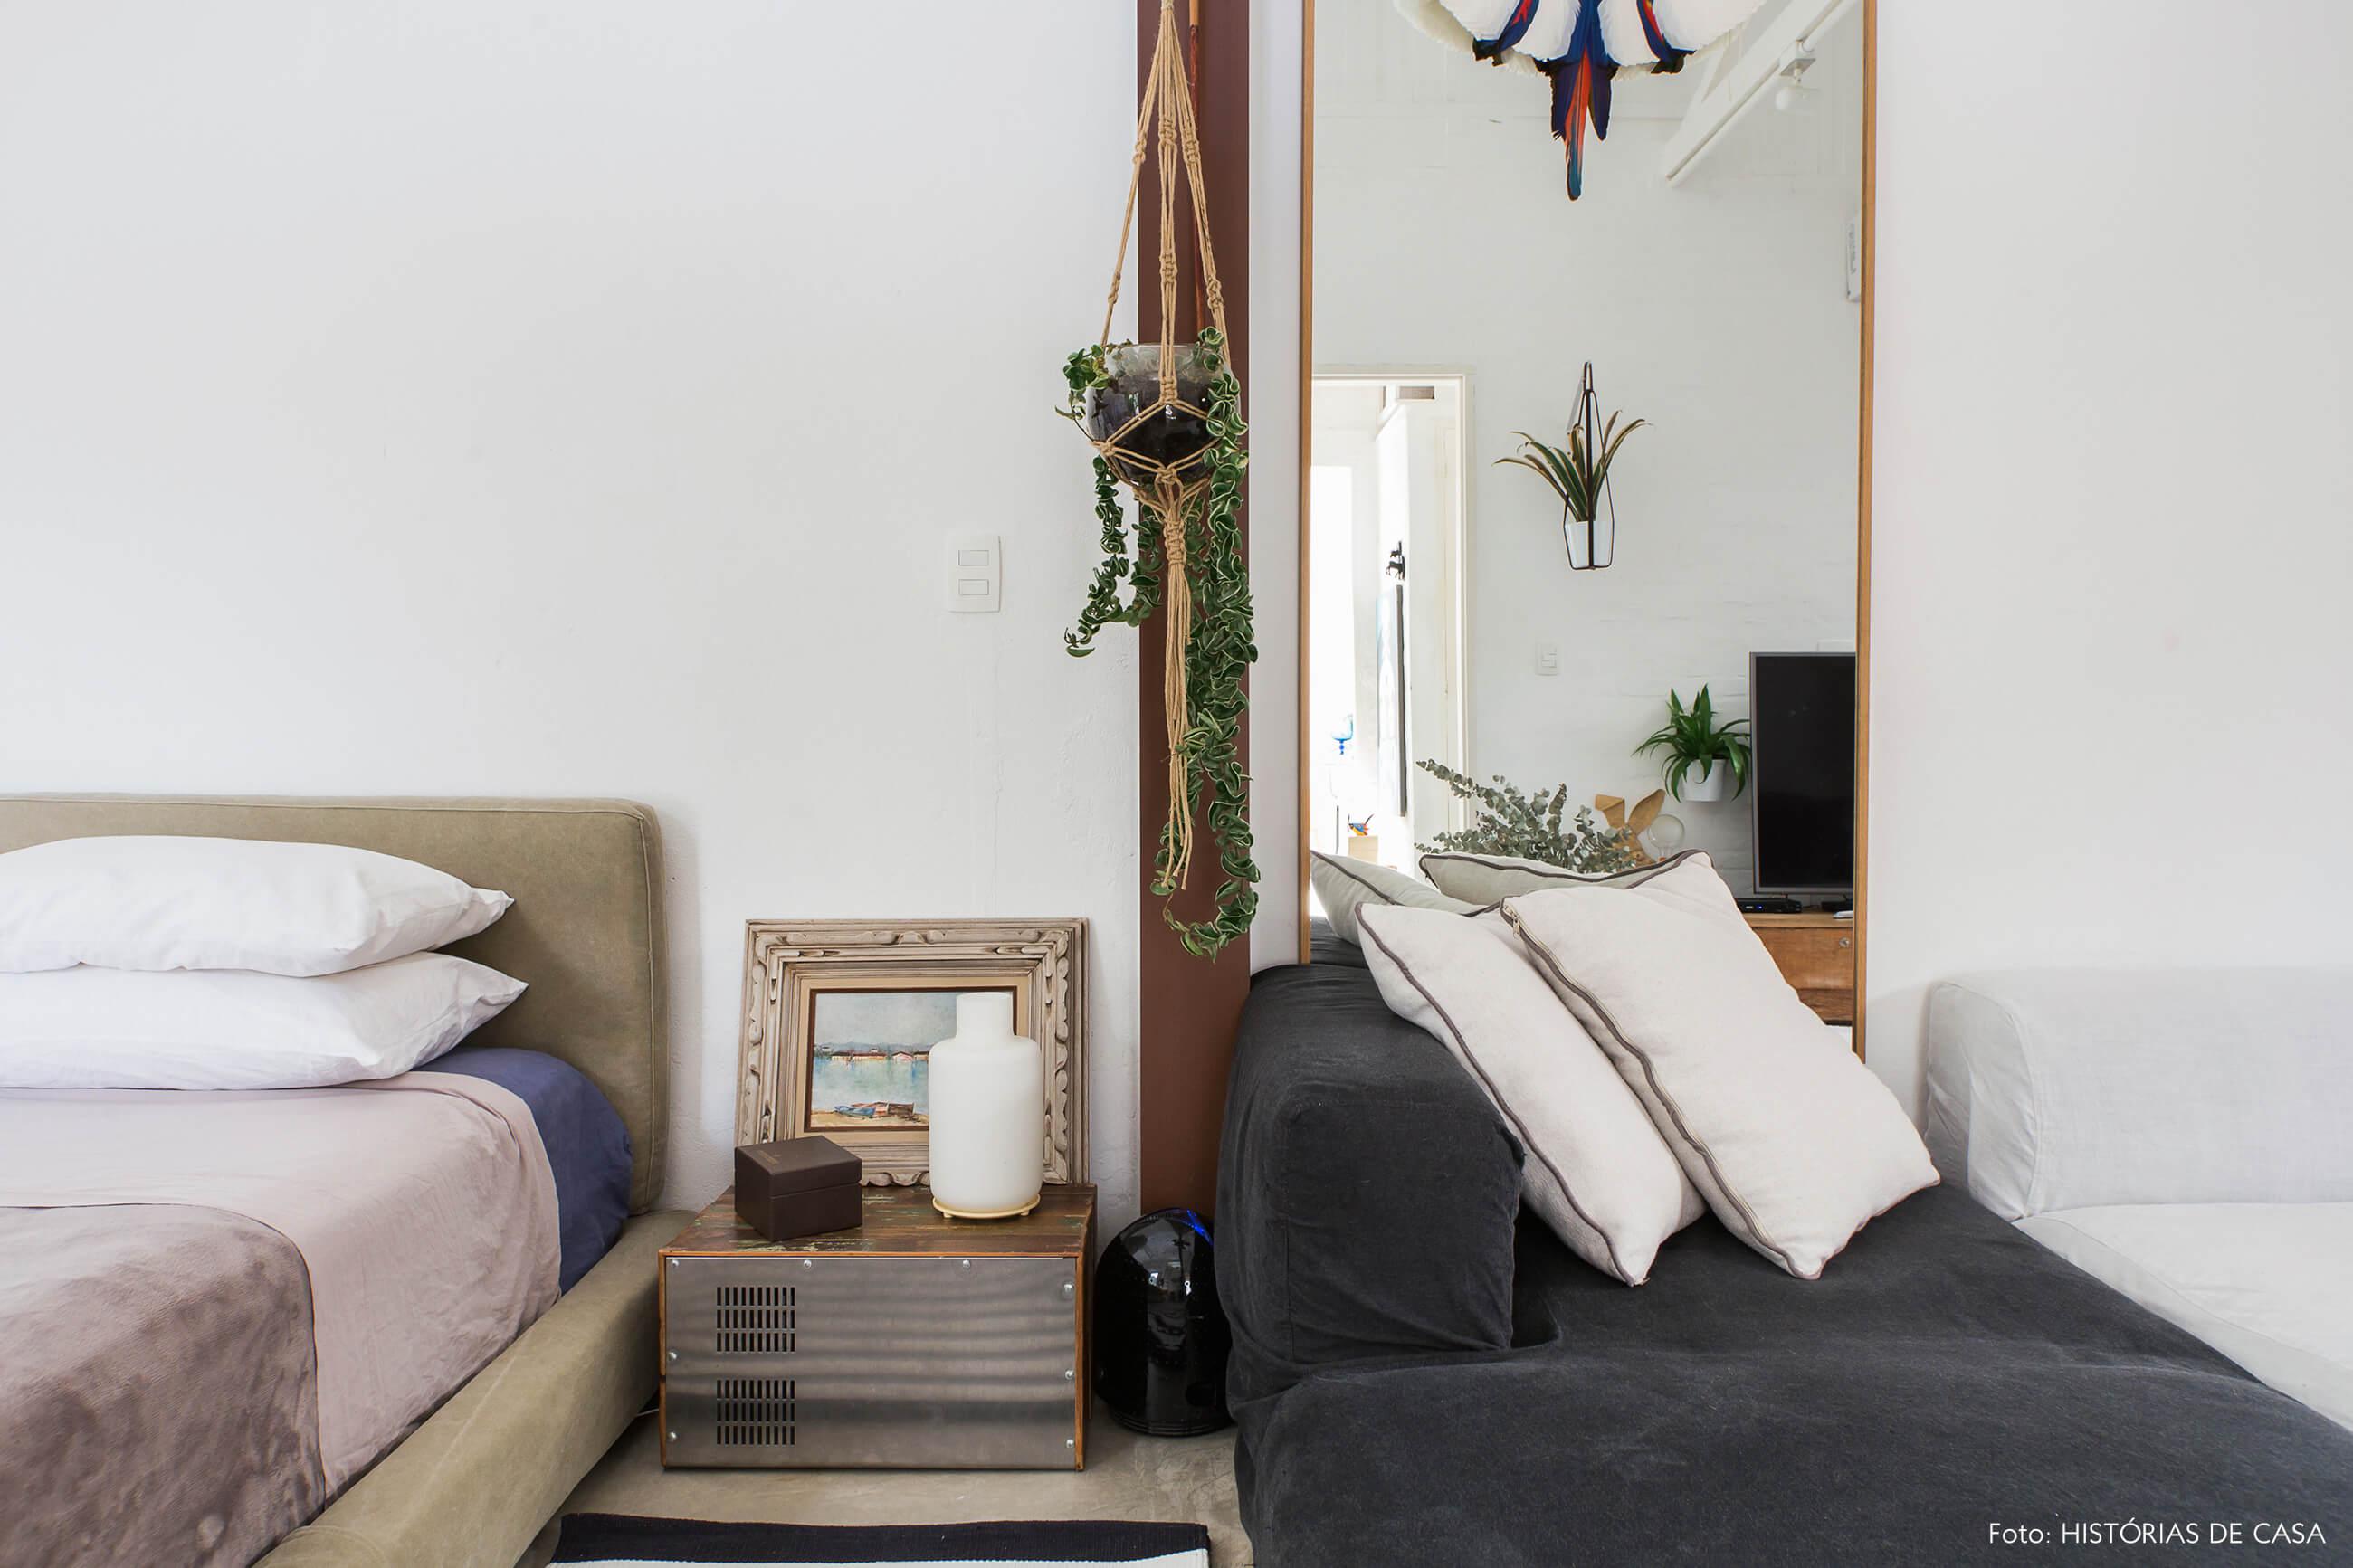 Quarto com parede rústica e móveis neutros